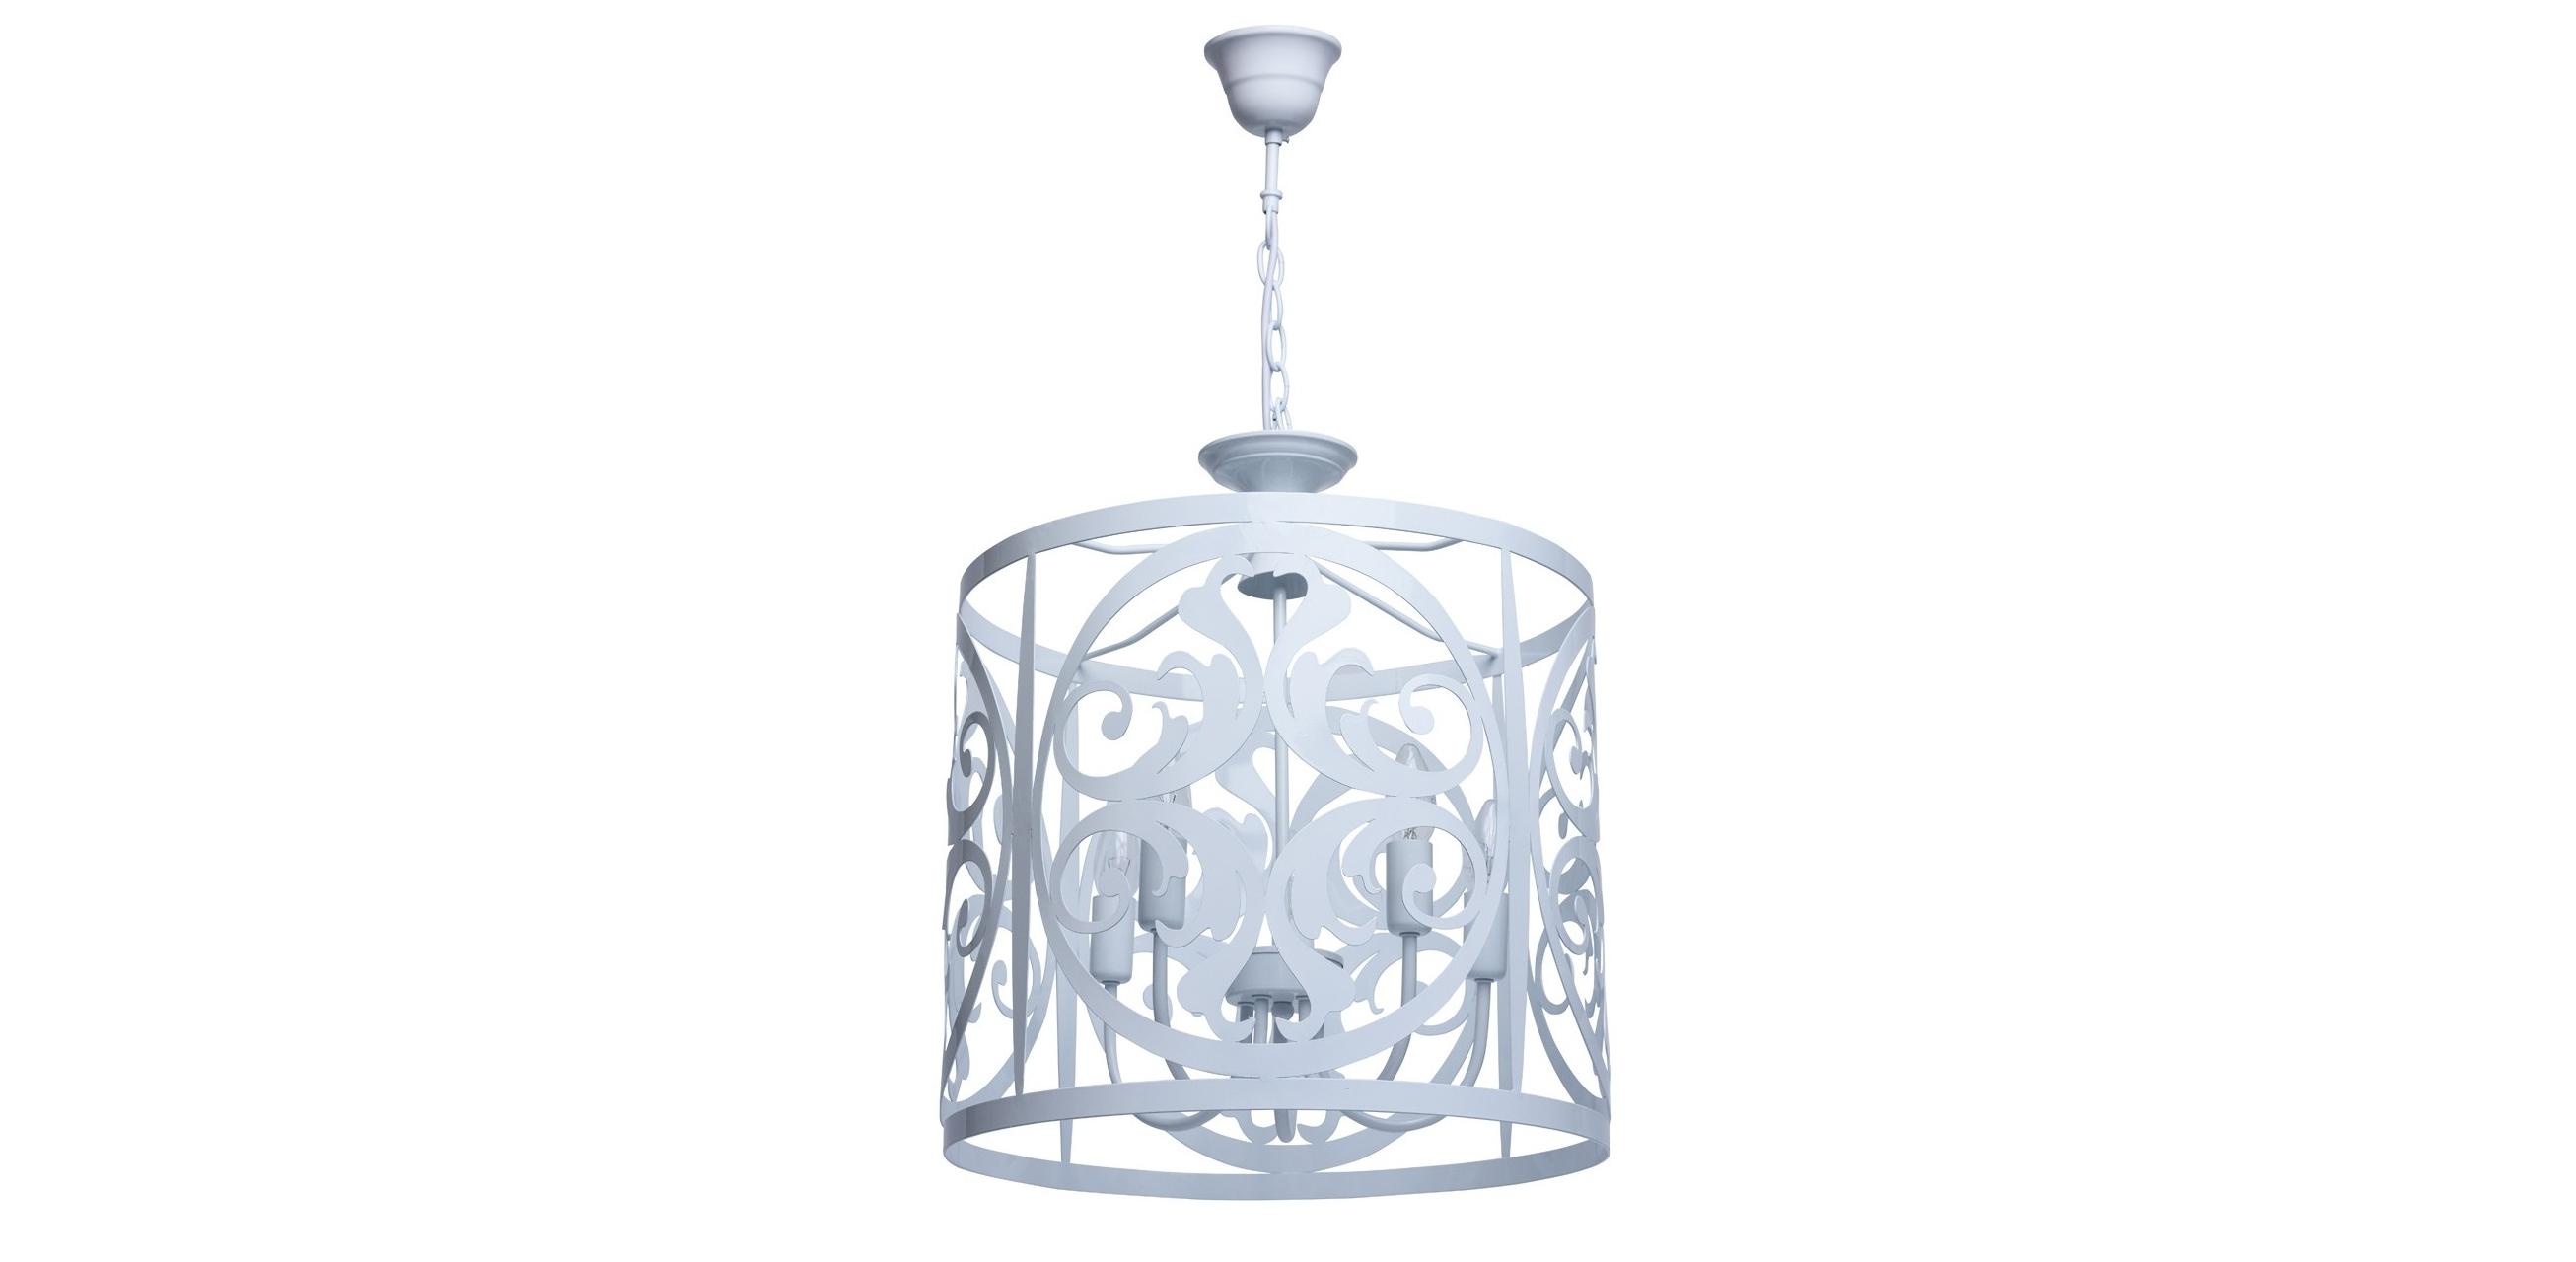 Подвесной светильникПодвесные светильники<br>&amp;lt;div&amp;gt;Нежный, воздушный светильник из коллекции «Замок» привнесет в обстановку непринужденность и изящность. &amp;amp;nbsp;Он выполнен в стиле легкой ковки и идеально подойдет для любителей оригинальных решений в интерьере. &amp;amp;nbsp;Металлическое основание окрашено в глянцевый белый цвет, освежающий комнату. Трендовый дизайн светильника подчеркнут &amp;amp;nbsp;изящным резным узором, плавные линии и изгибы которого настраивают на спокойствие и создают уют. Рекомендуемая площадь освещения – 15 кв.м.&amp;lt;/div&amp;gt;&amp;lt;div&amp;gt;Арматура светильника выполнена из сплава металла &amp;amp;nbsp;и окрашена в белый глянцевый цвет. Орнамент вырублен по технологии лазерной резки.&amp;lt;/div&amp;gt;&amp;lt;div&amp;gt;5*60W E14 220V&amp;lt;/div&amp;gt;<br><br>Material: Металл<br>Length см: 130<br>Height см: 130<br>Diameter см: 45